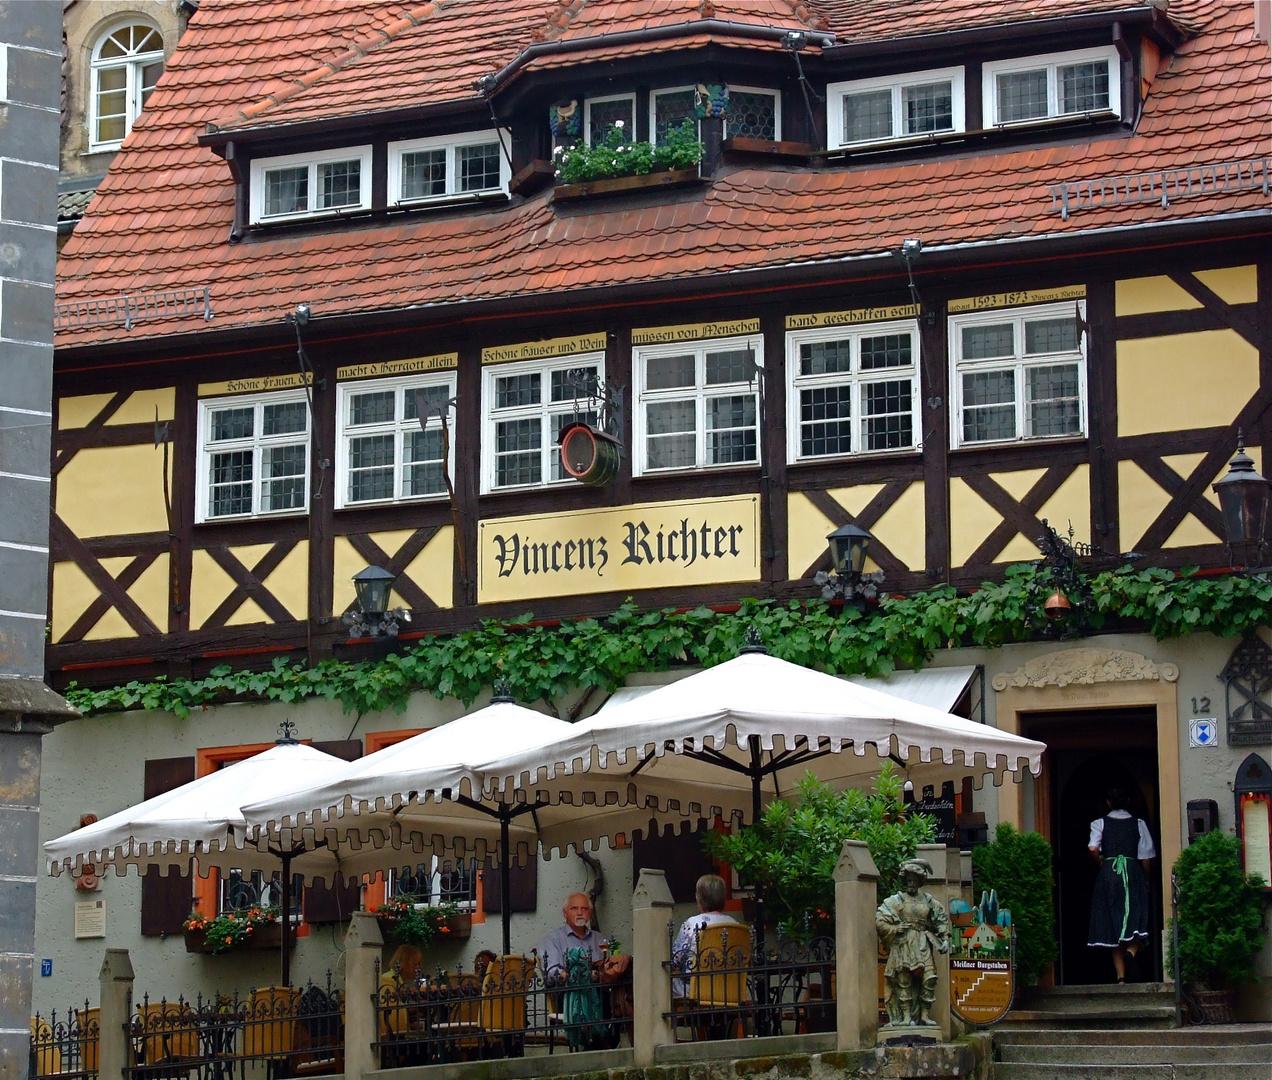 °°° Vincent Richter - Meissen 12.08.2010 - Ob es ein denkwürdiger Tag wird °°°